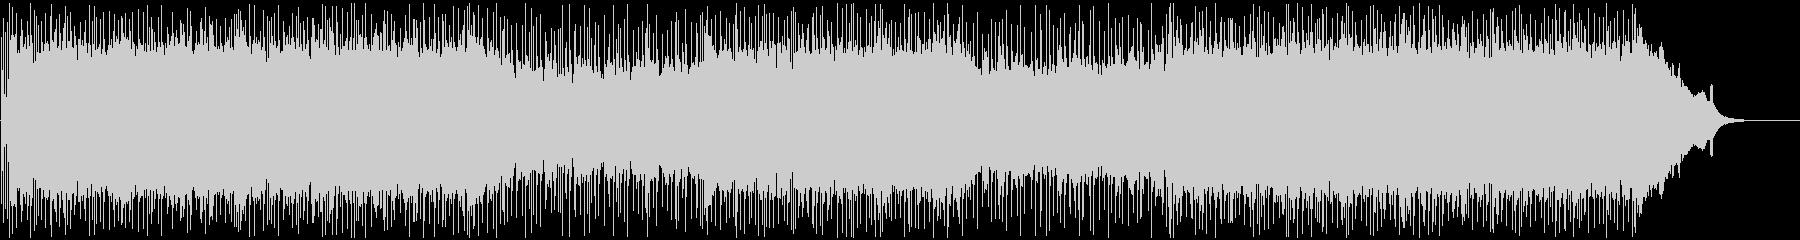 シンプルで前向きなポップ・ロックの未再生の波形